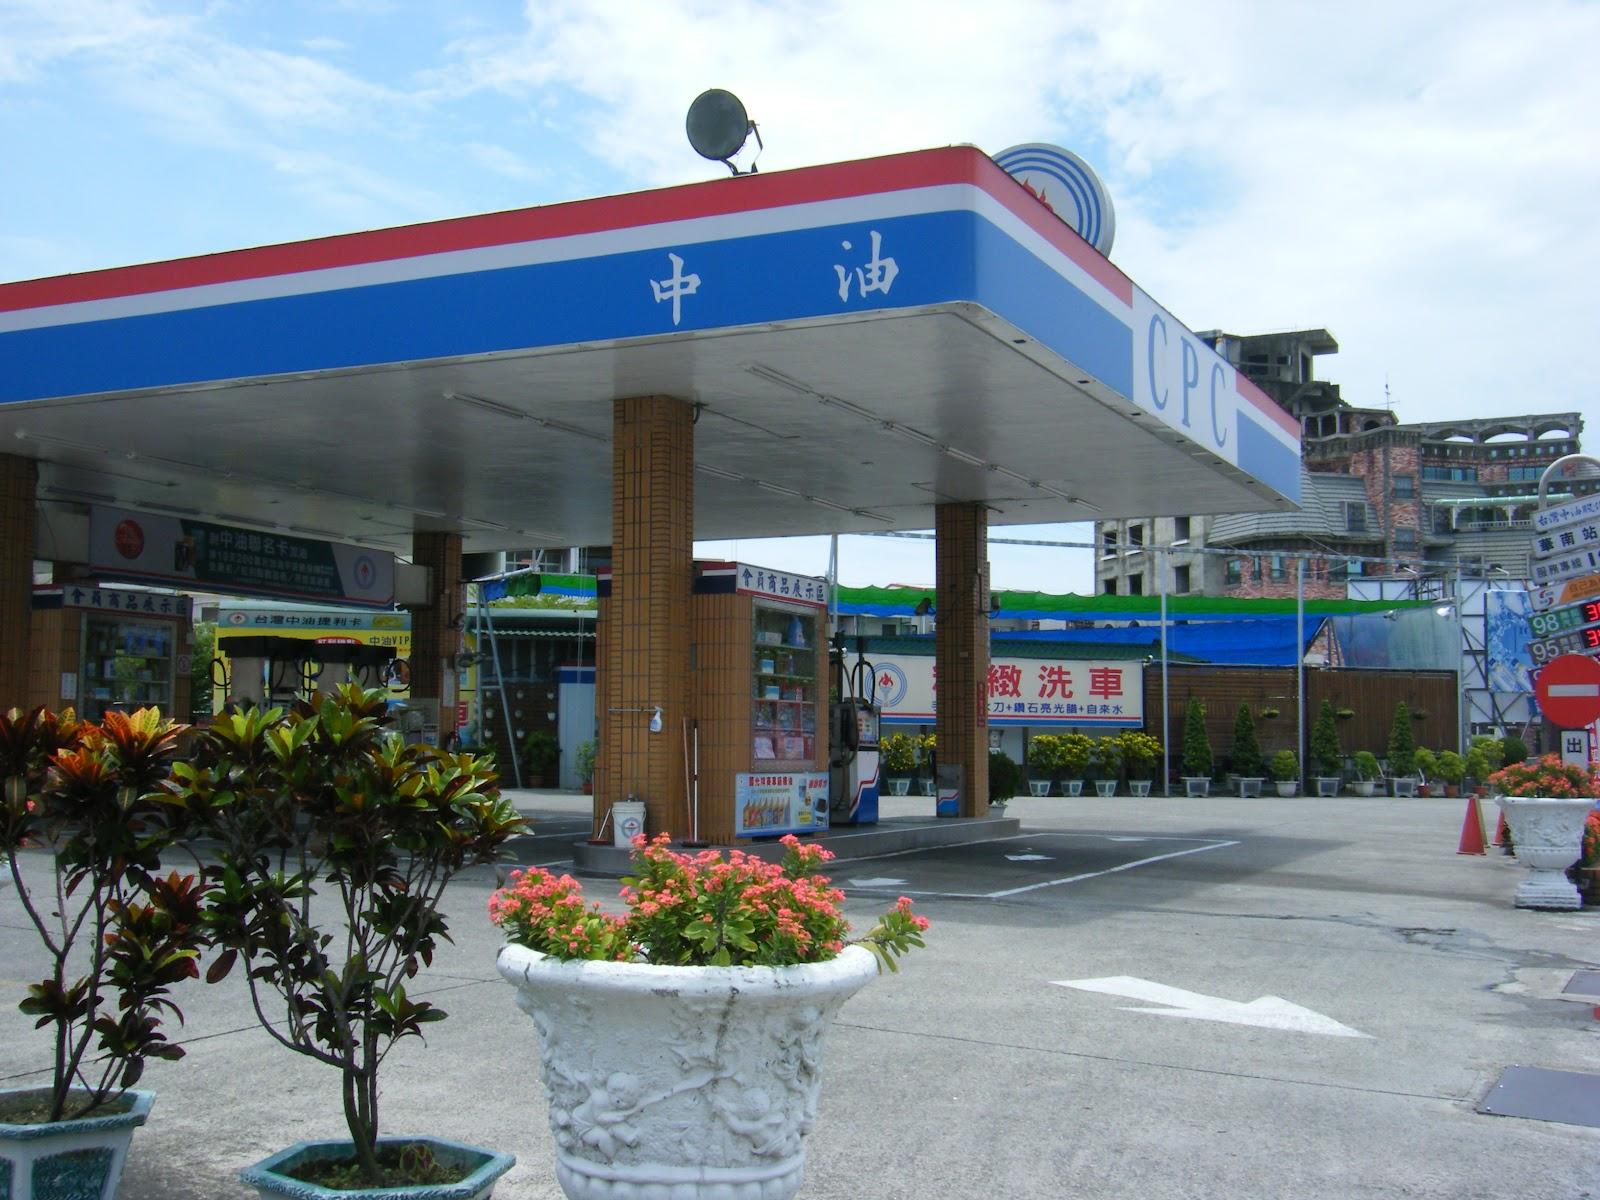 加油站調查 - 南區: 臺灣中油中華西路南站調查-蓉